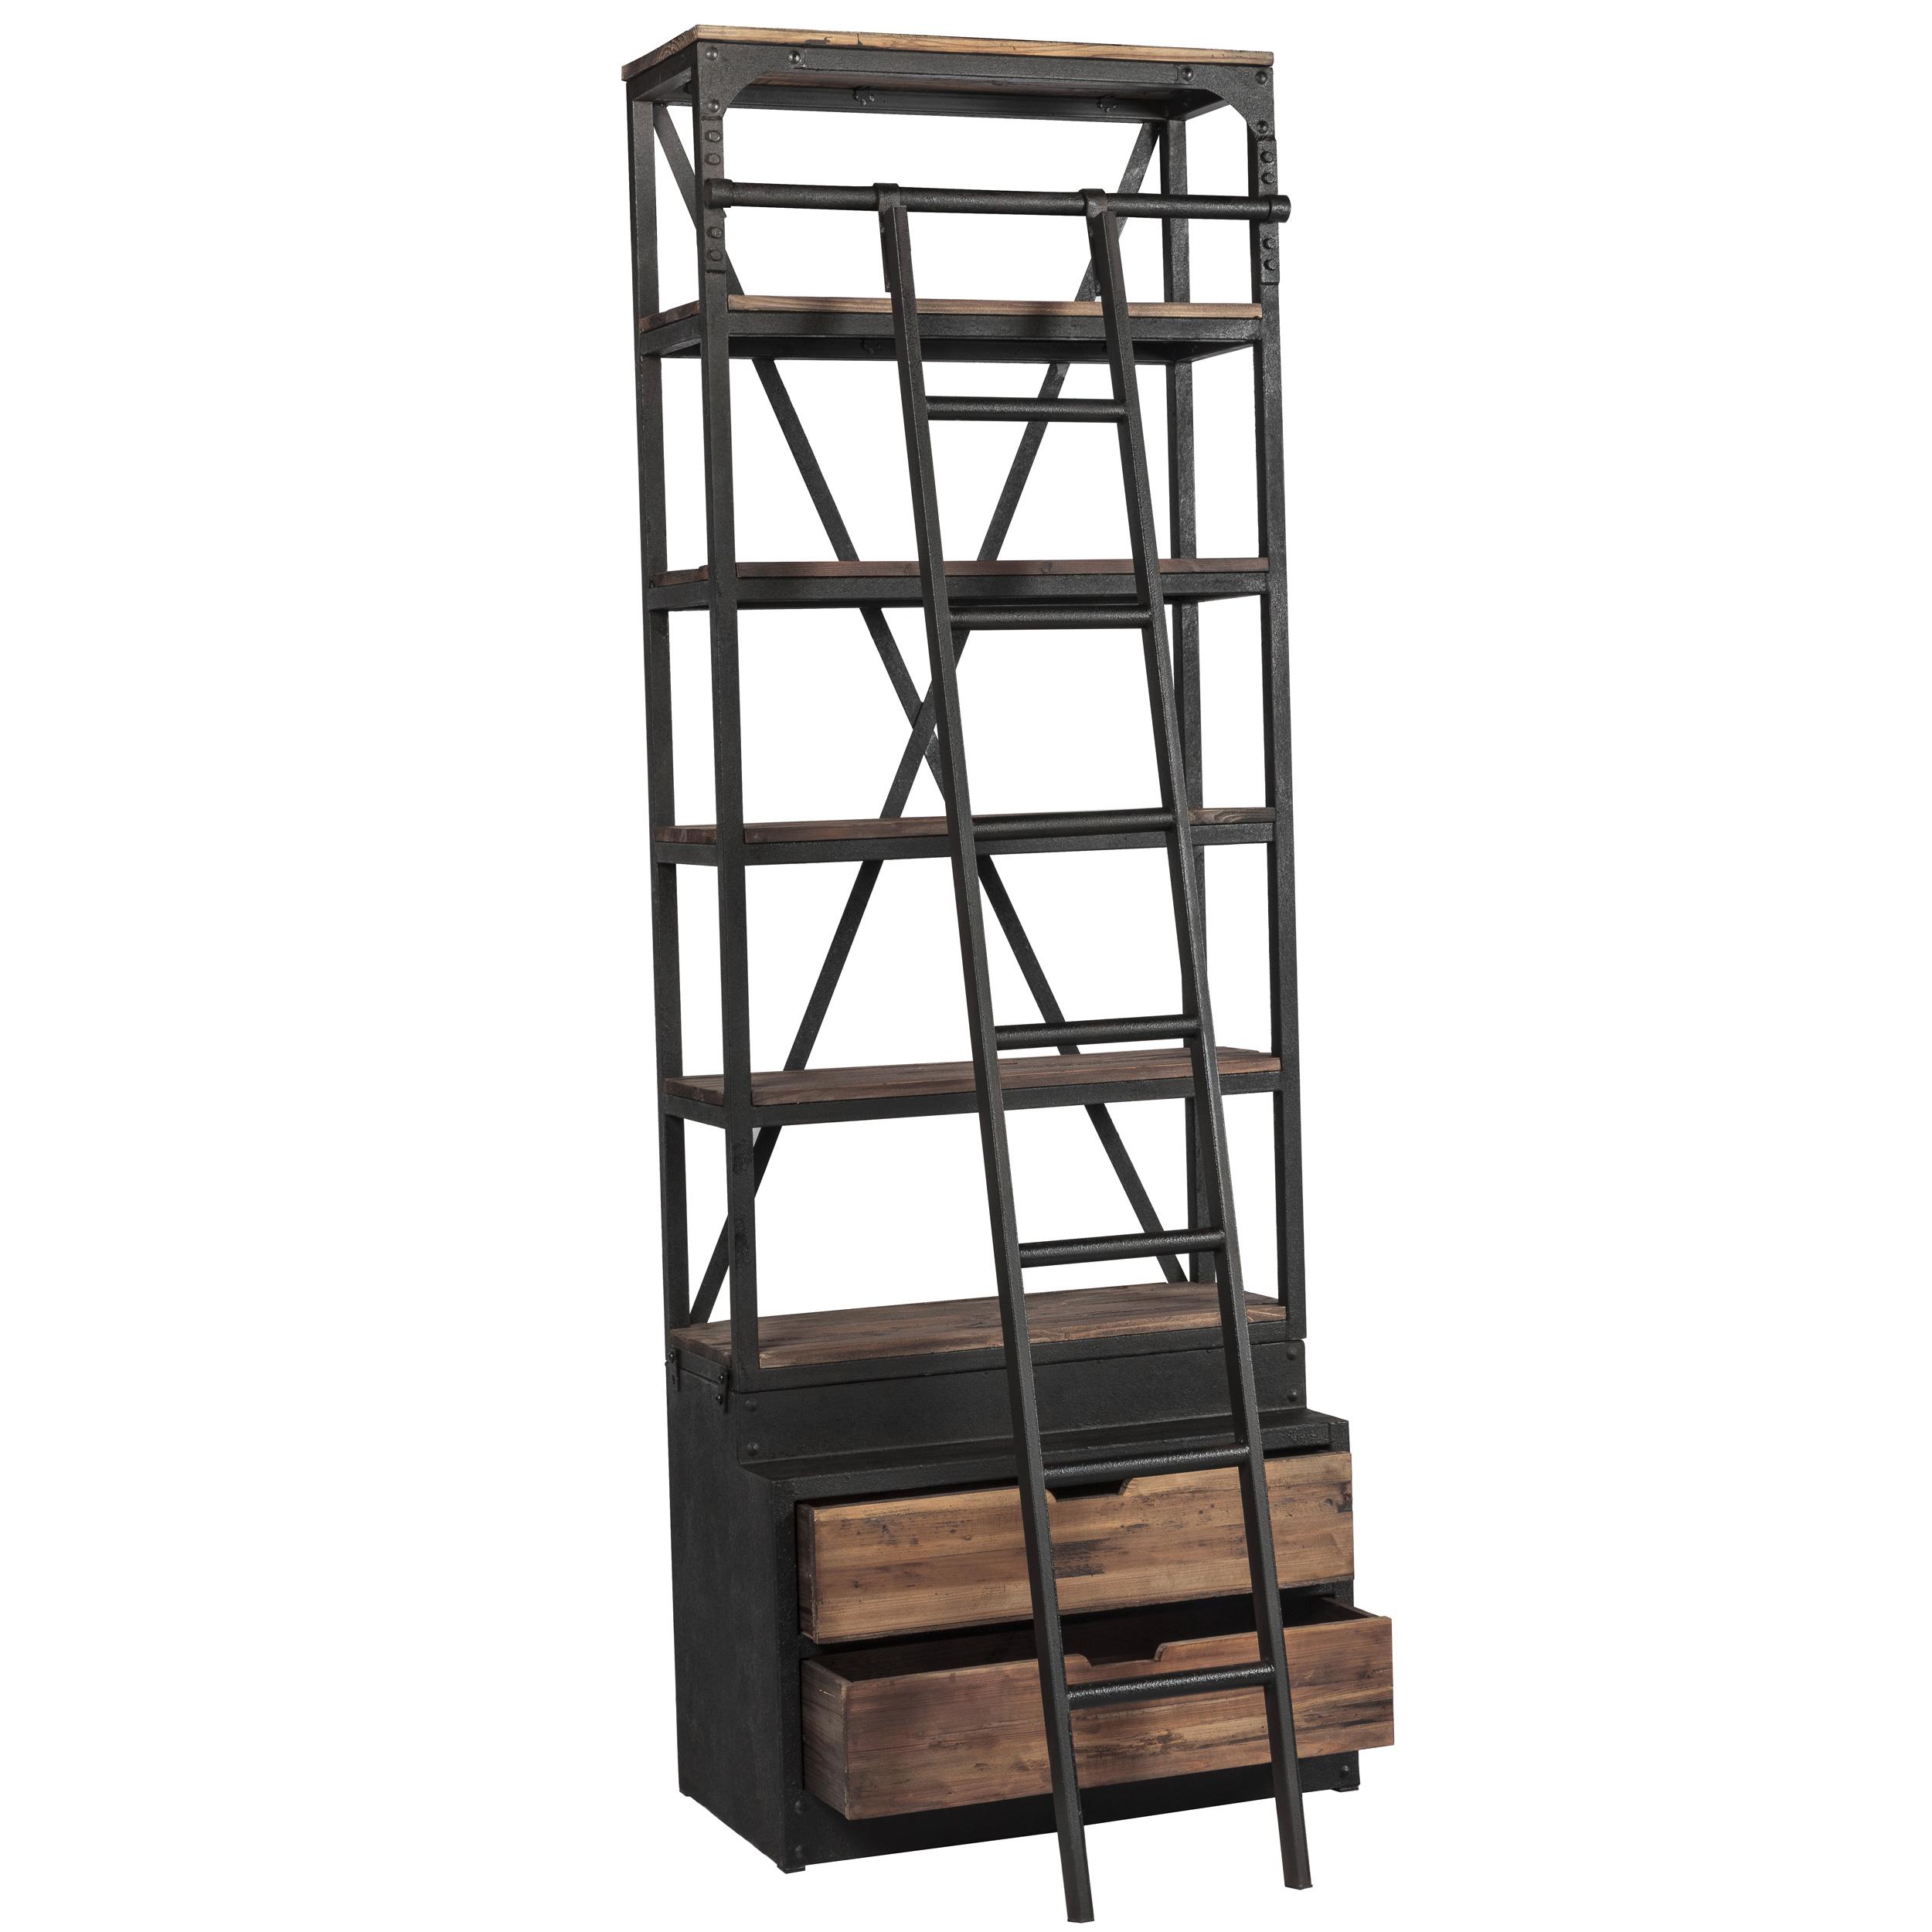 Bibliothèque 86 cm en bois et métal avec échelle, 2 tiroirs